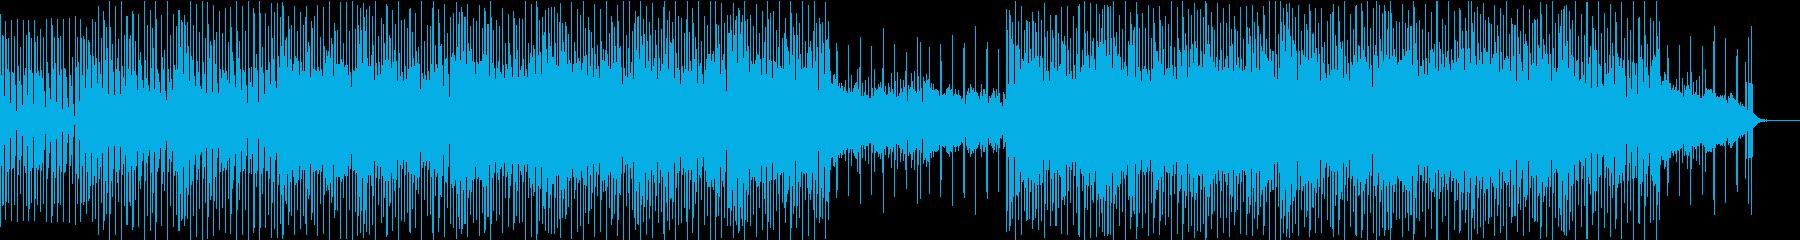 エレガントなシーンや場所で使えるジャズ2の再生済みの波形